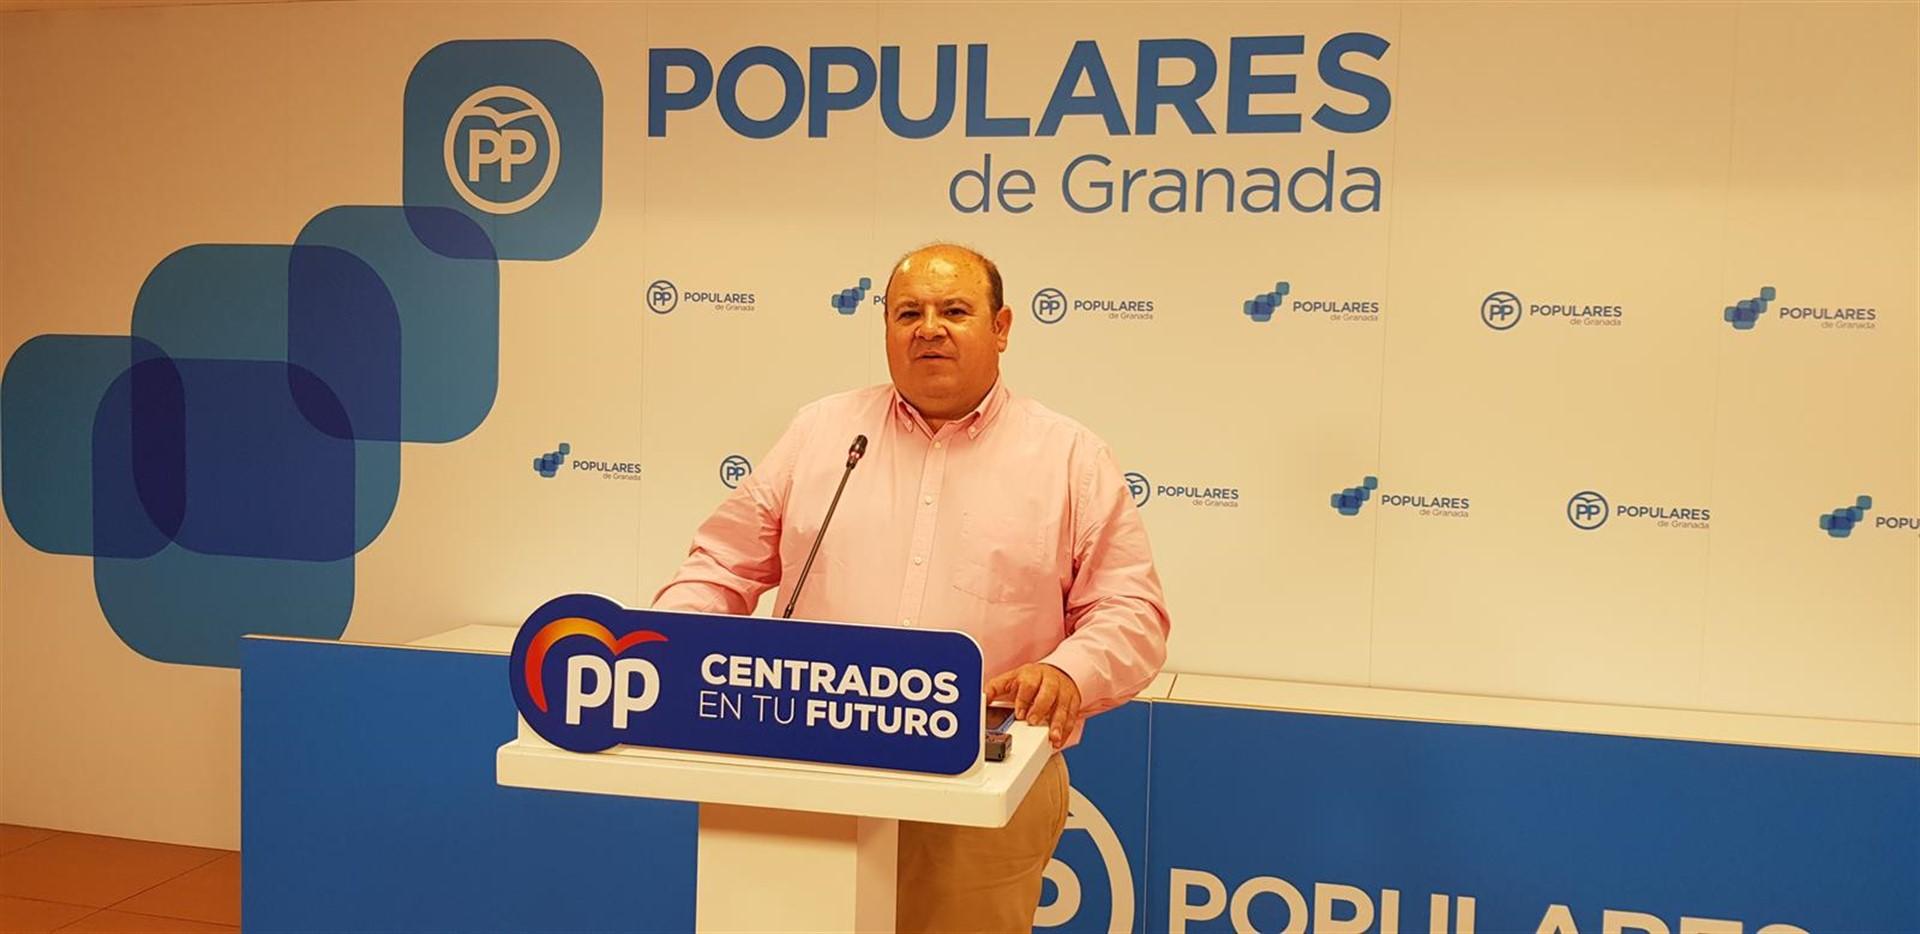 El PP renueva casi un 70% de sus diputados provinciales